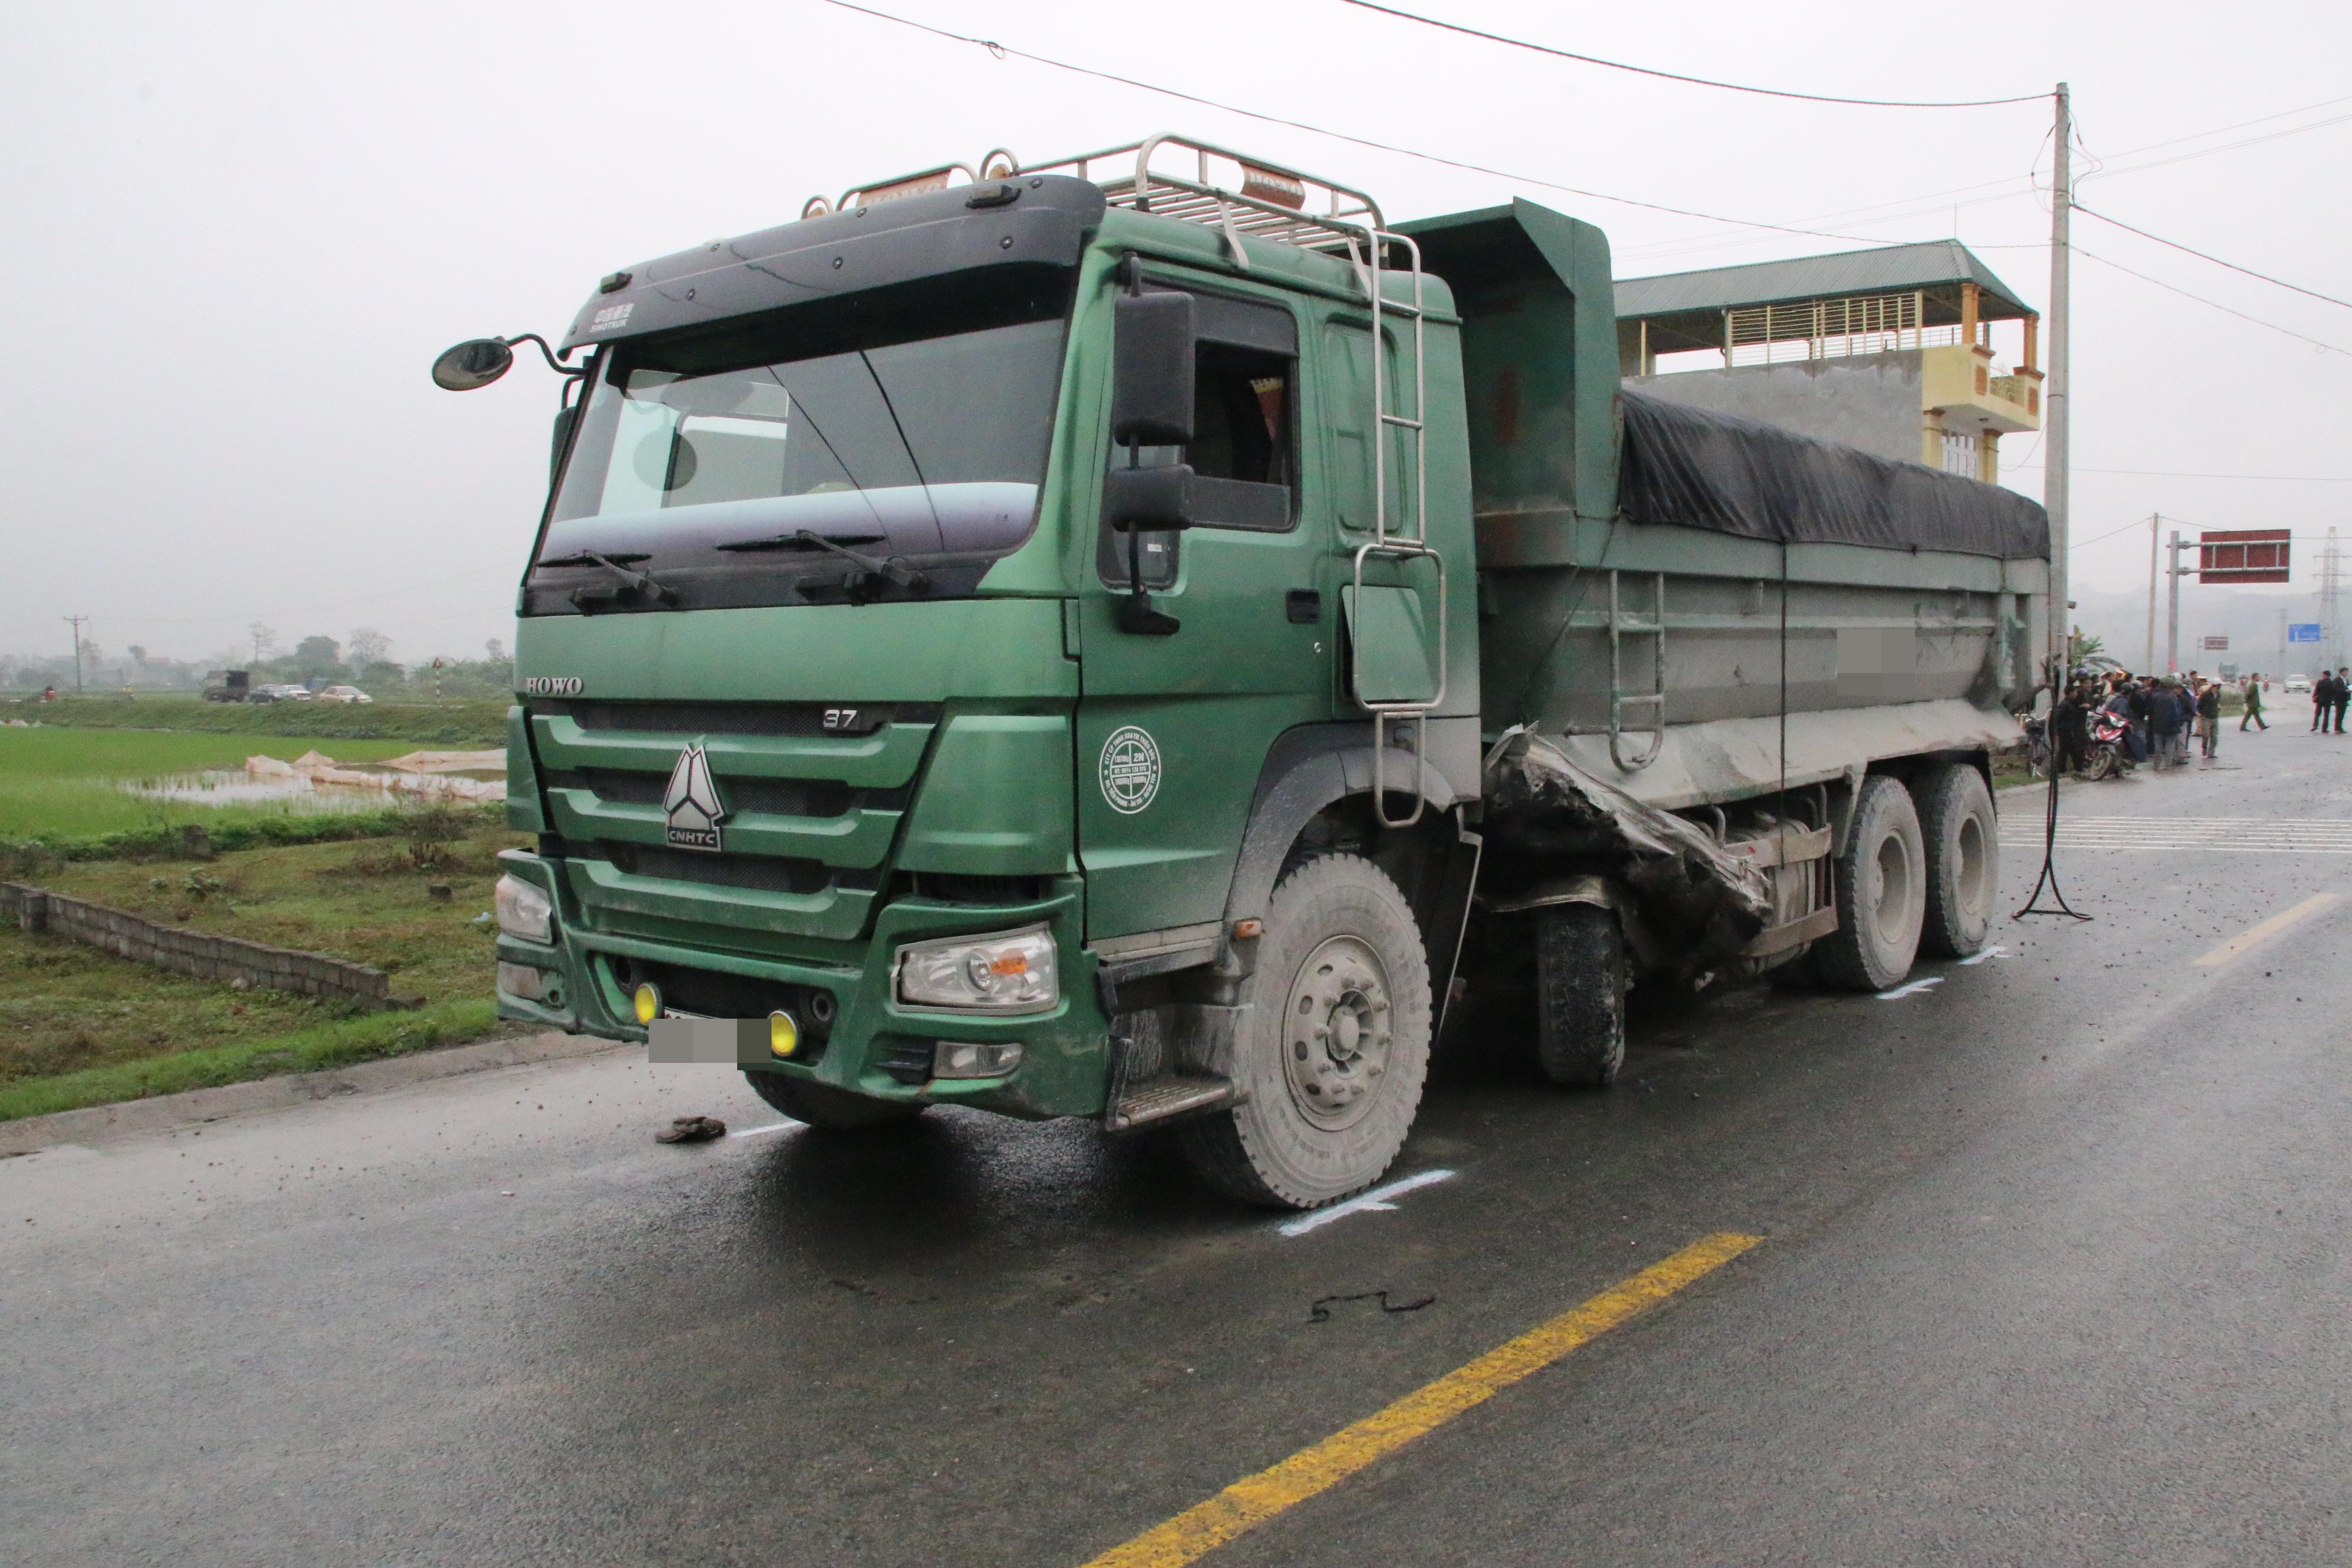 Chùm ảnh: Hiện trường vụ xe đón dâu đâm vào xe tải khiến 3 người thiệt mạng, 16 người khác bị thương - Ảnh 5.